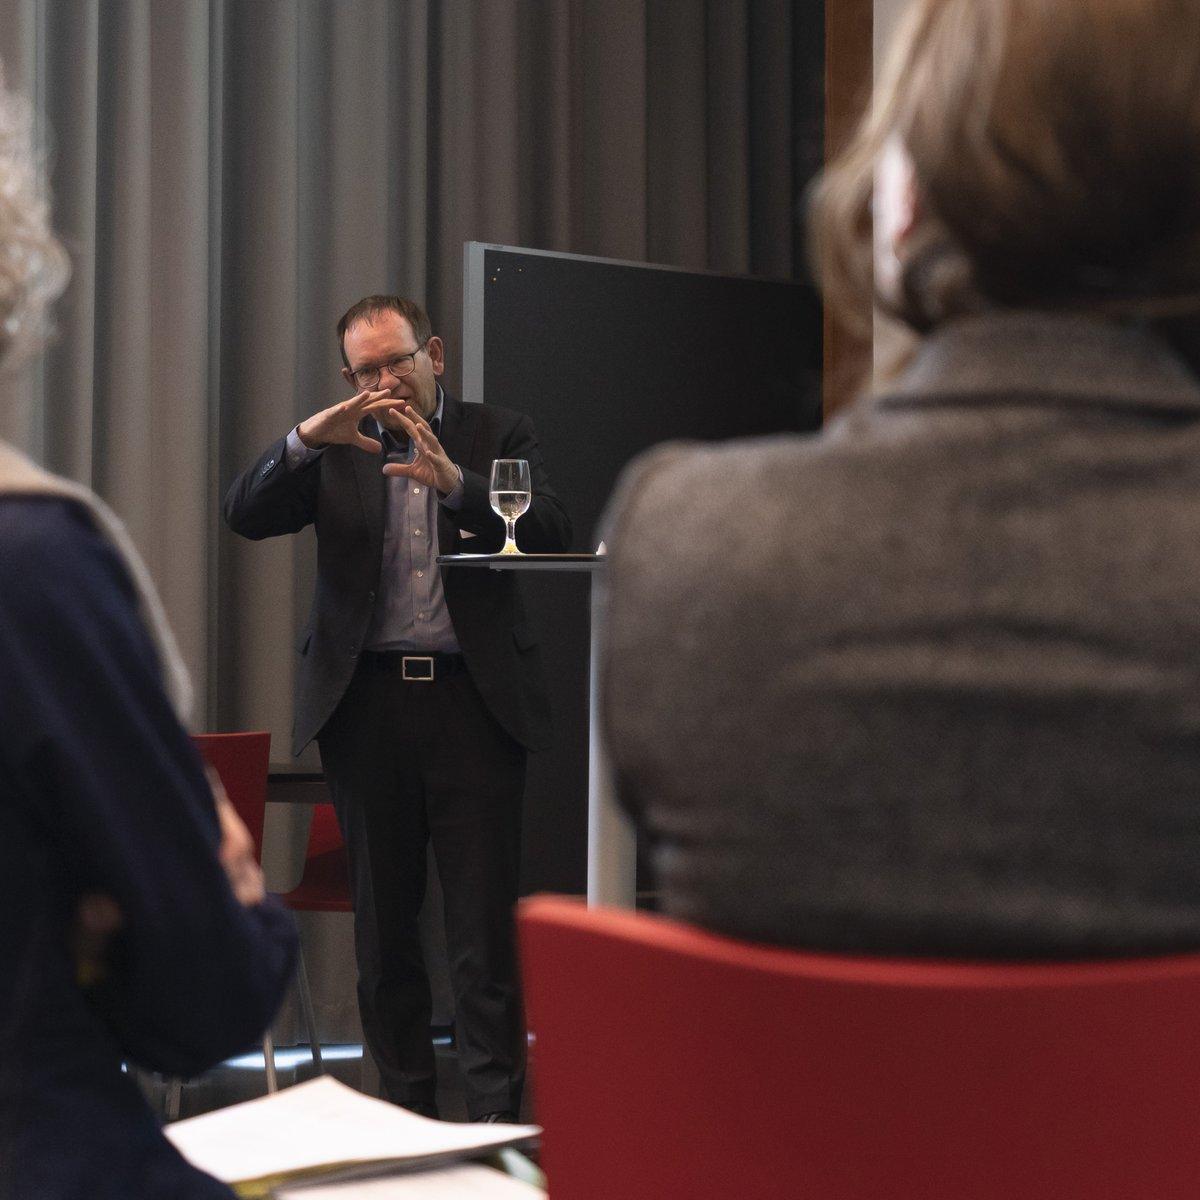 Jeder Beruf zählt! Unser heutiger Workshop für berufspädagogische Begleitende mit @Fredi_Schneider  und Stephan Neumann  https://www.bafu.admin.ch/bafu/de/home/themen/bildung/veranstaltungen/jeder-beruf-zaehlt.html… #Berufsbildung #BAFU #RessourcenSchonen @BFEenergeiapic.twitter.com/H4lQ9z28Ca